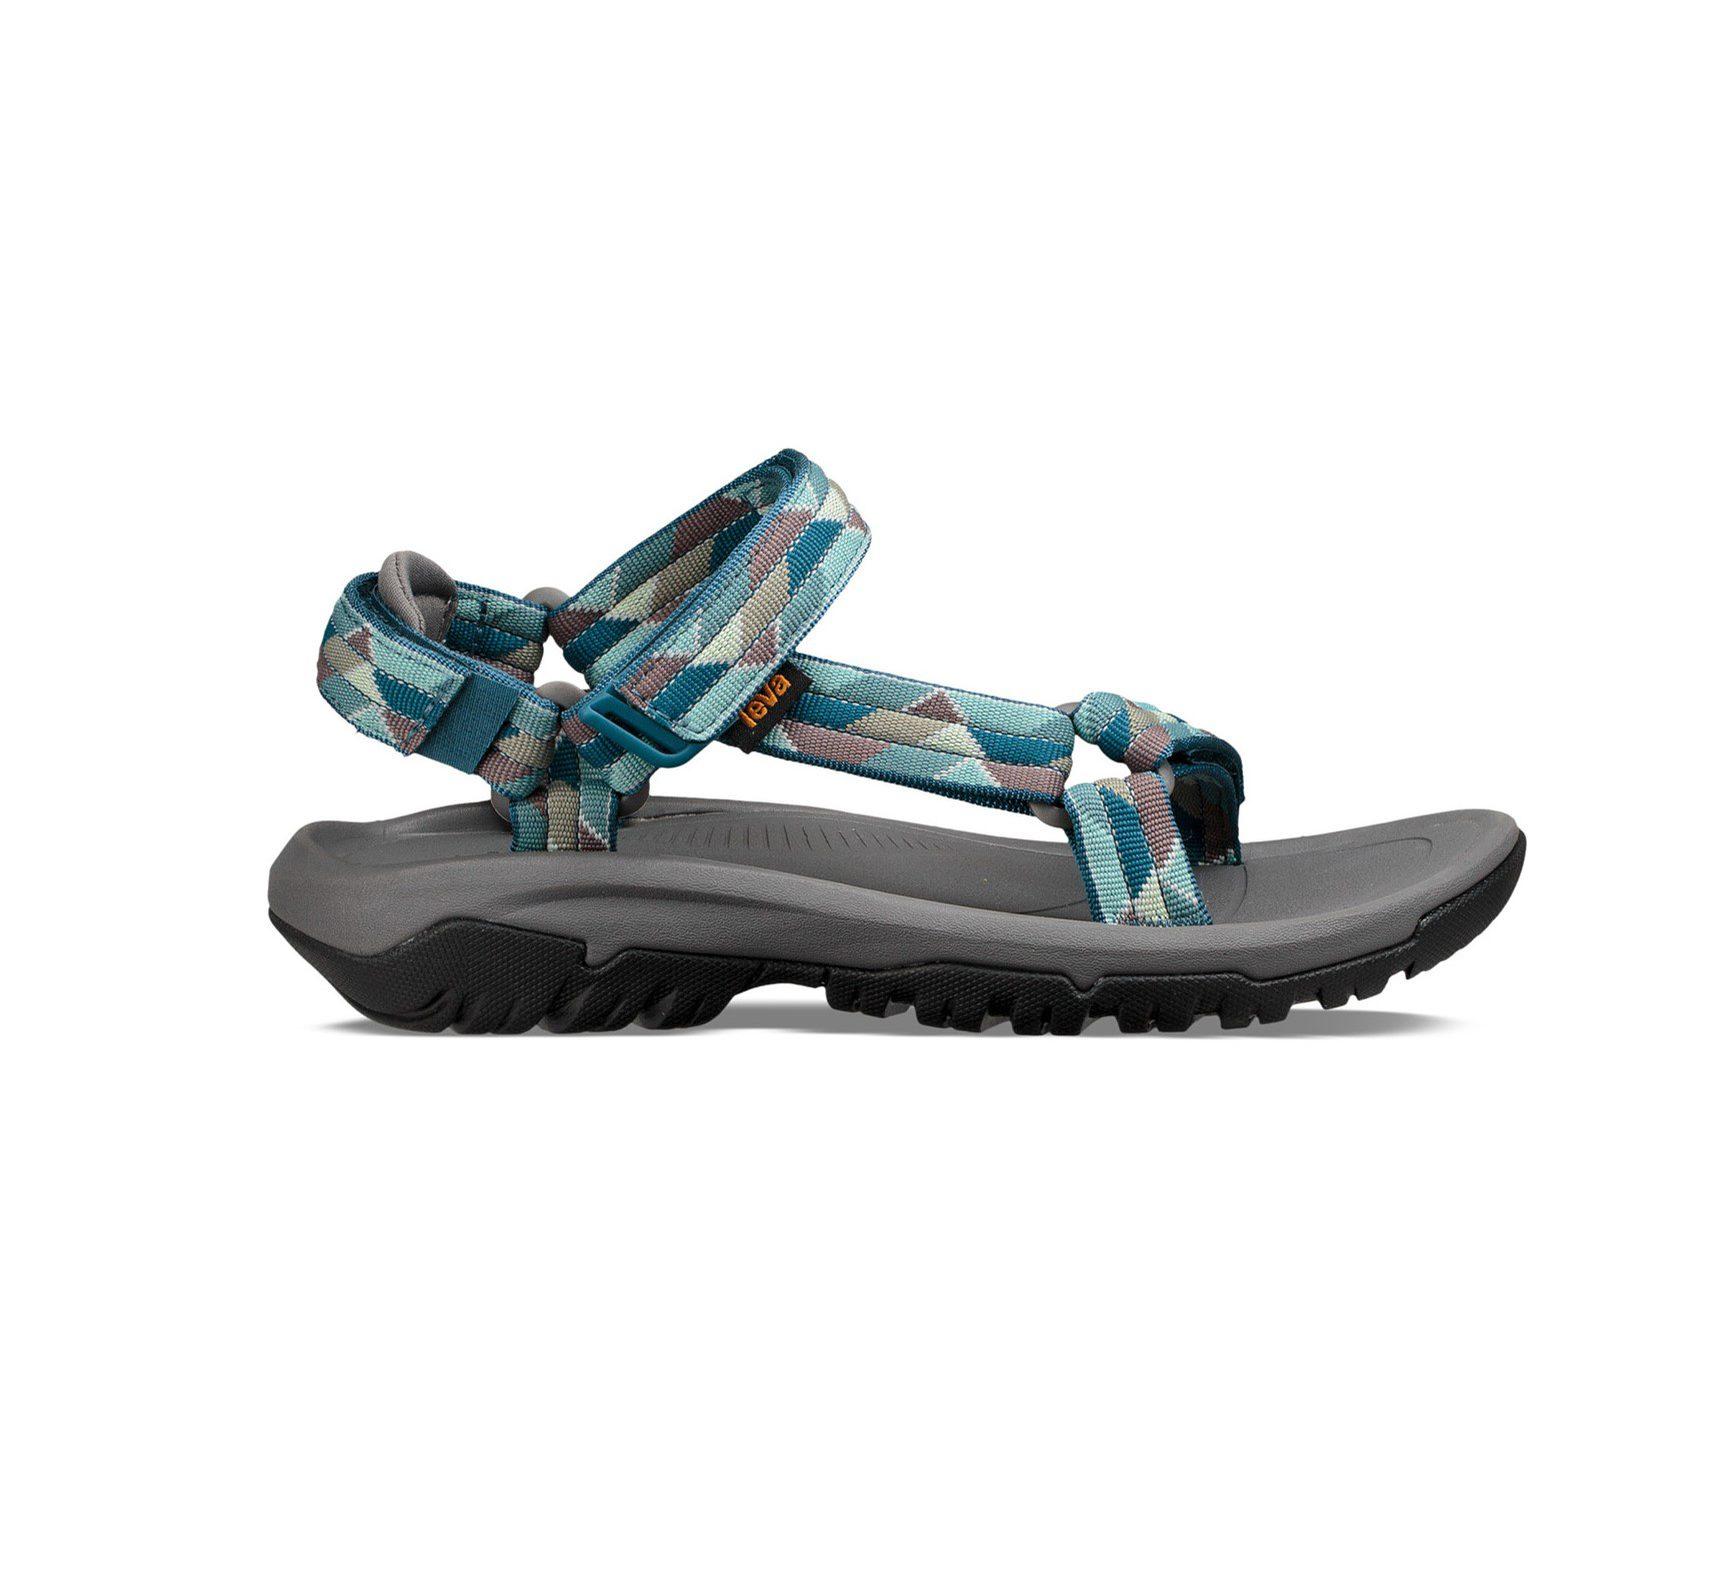 Teva Womens Hurricane XLT2 sandal - Kerne Blue